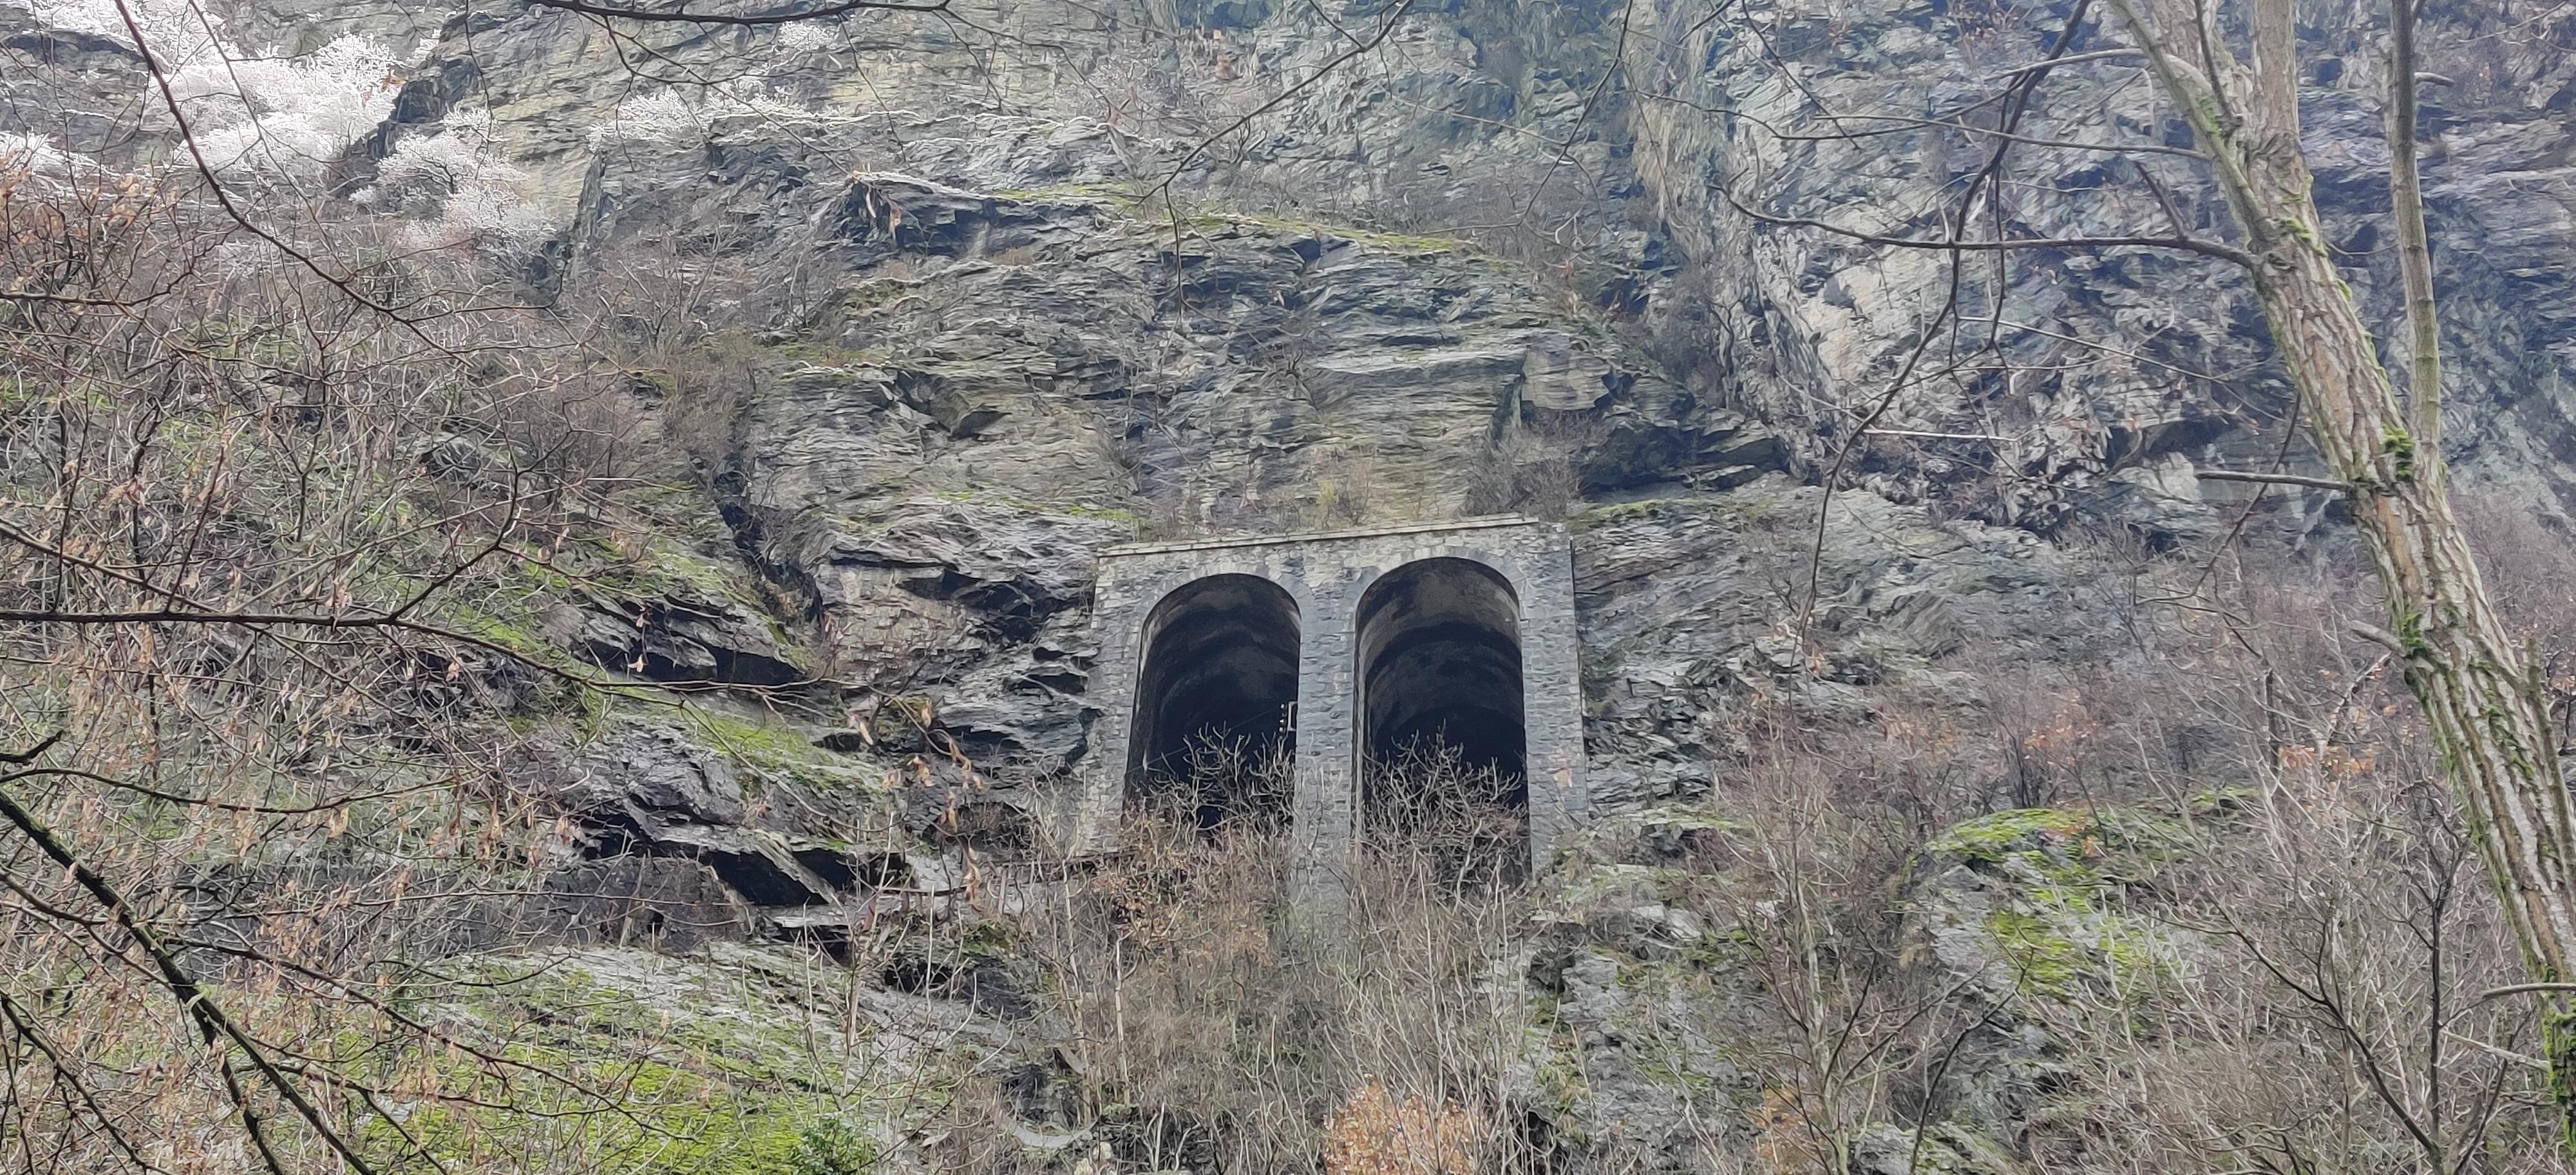 Urbex Frankreich Industriekultur Oisans empore in den Berg gebaut, verlassen, Bergbauindustrie, Winter, Alpen,